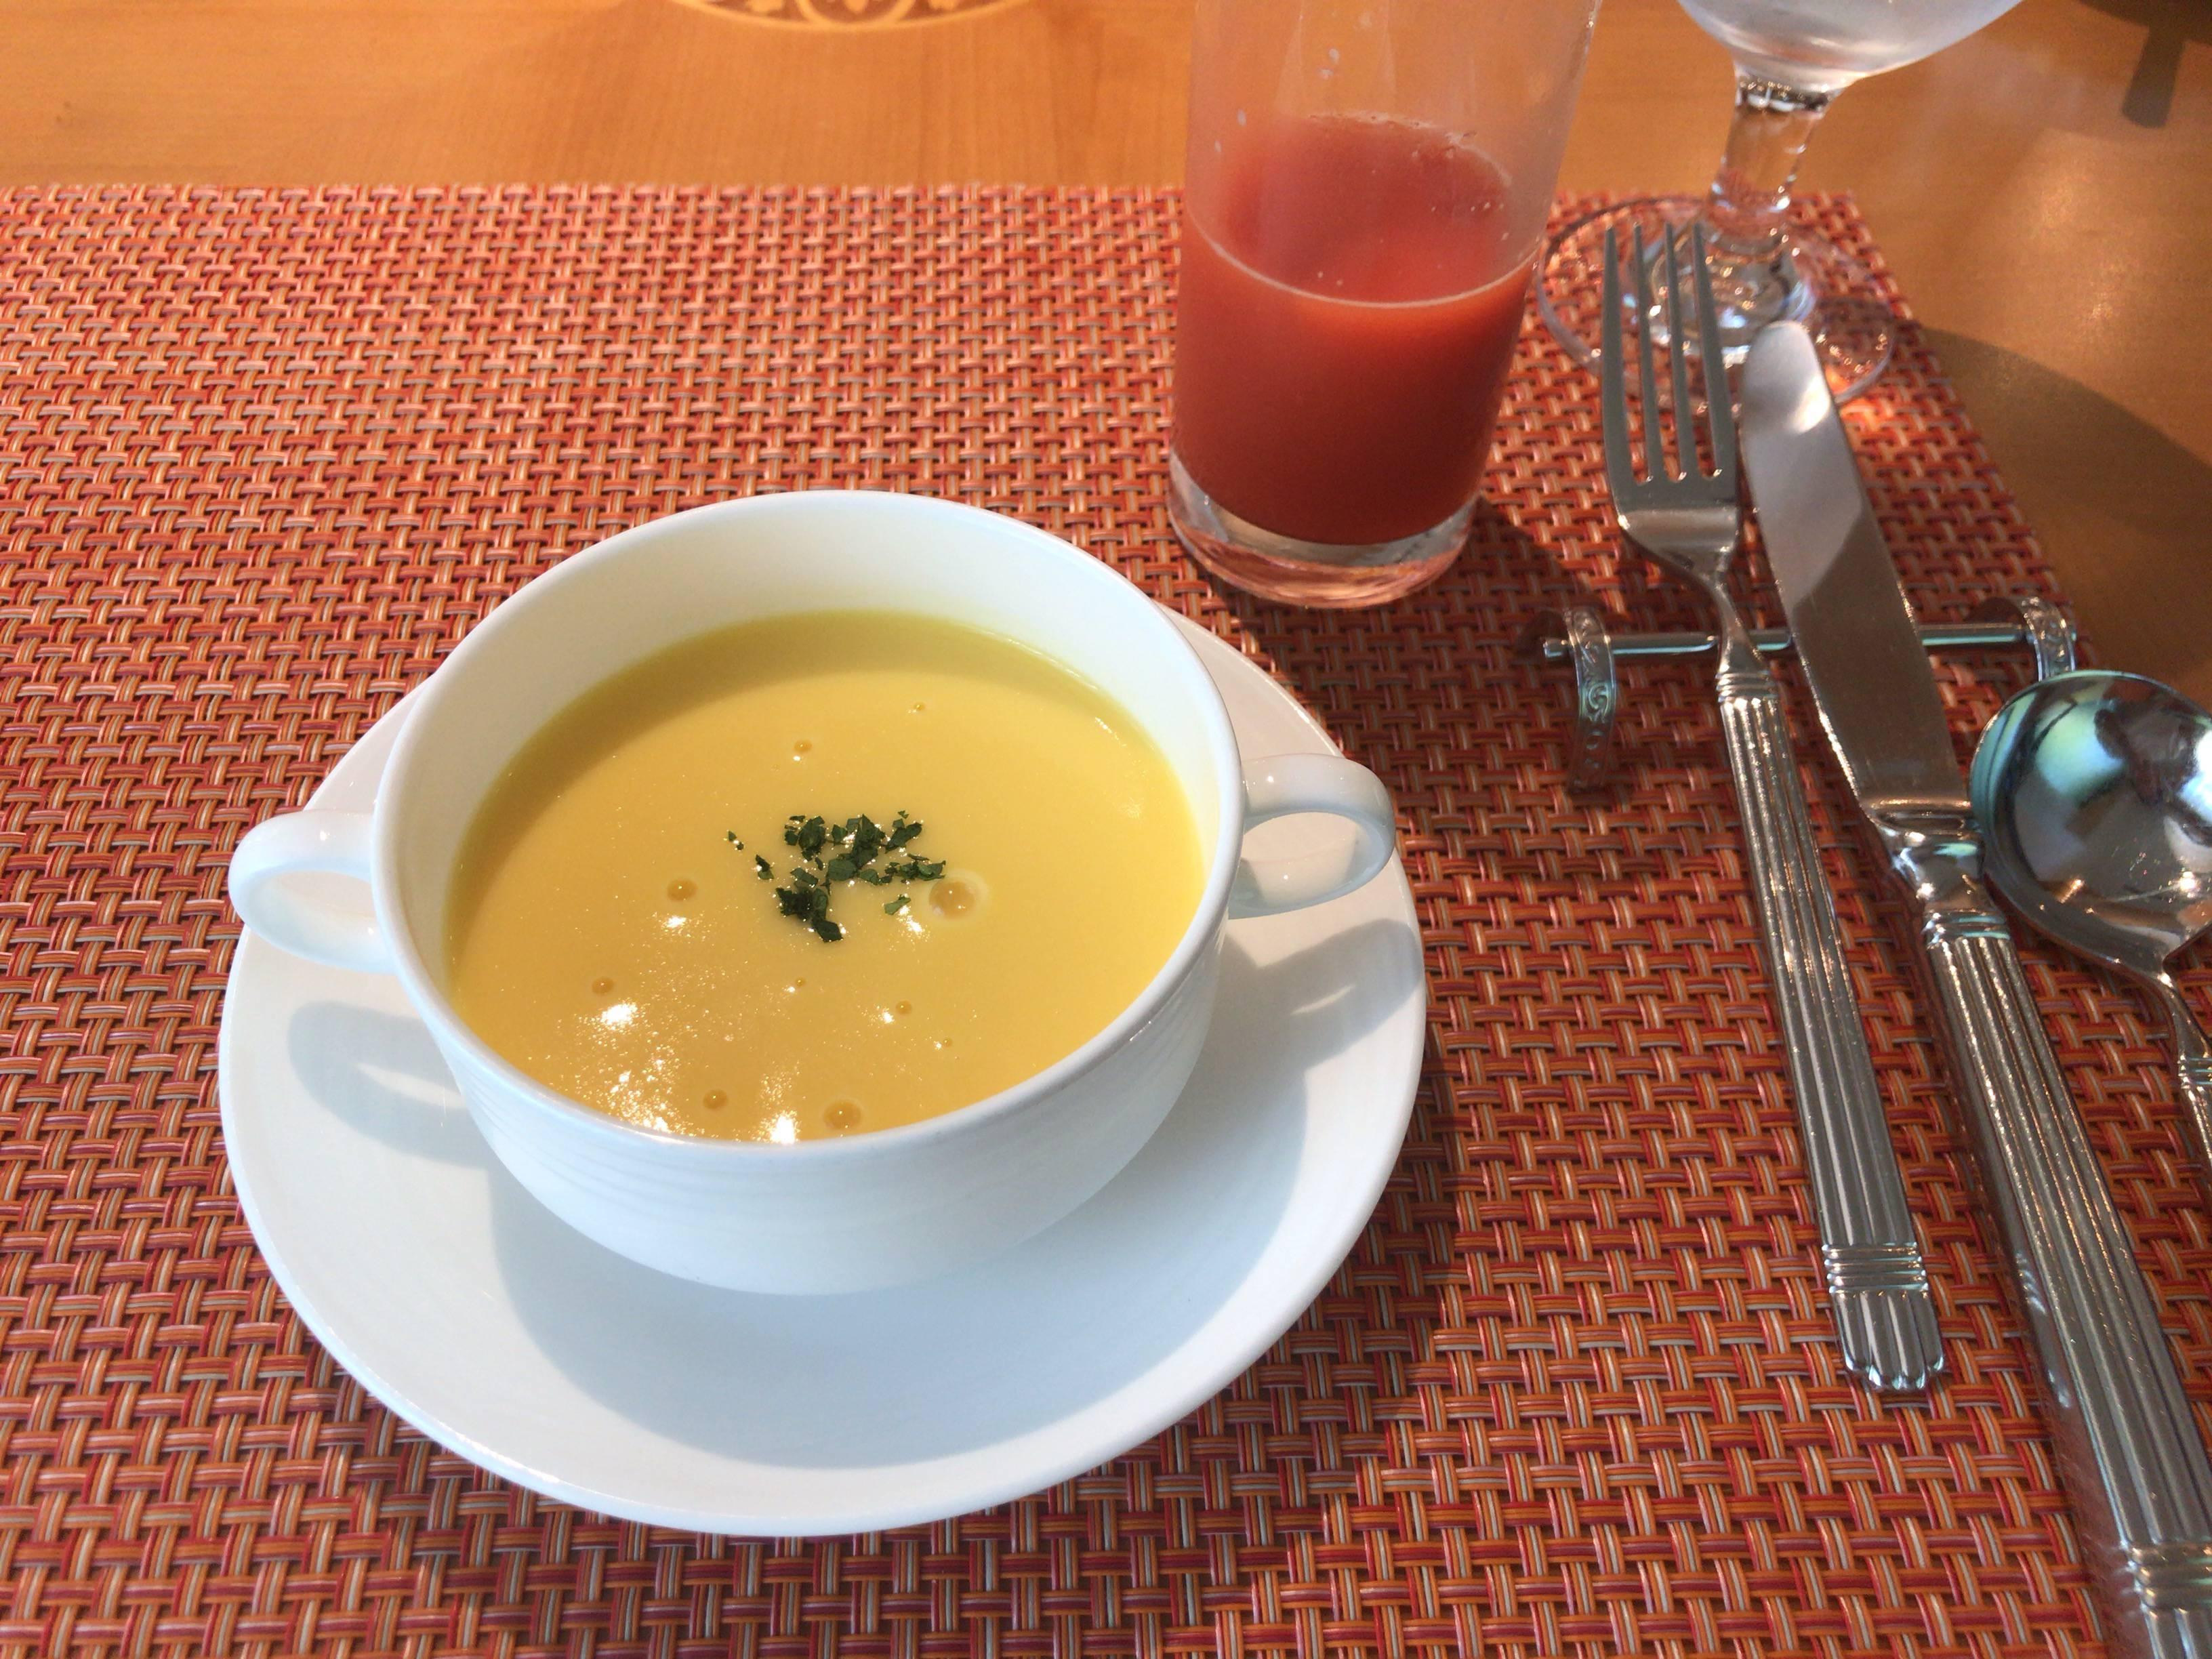 コーンスープ、ブラッドオレンジジュース